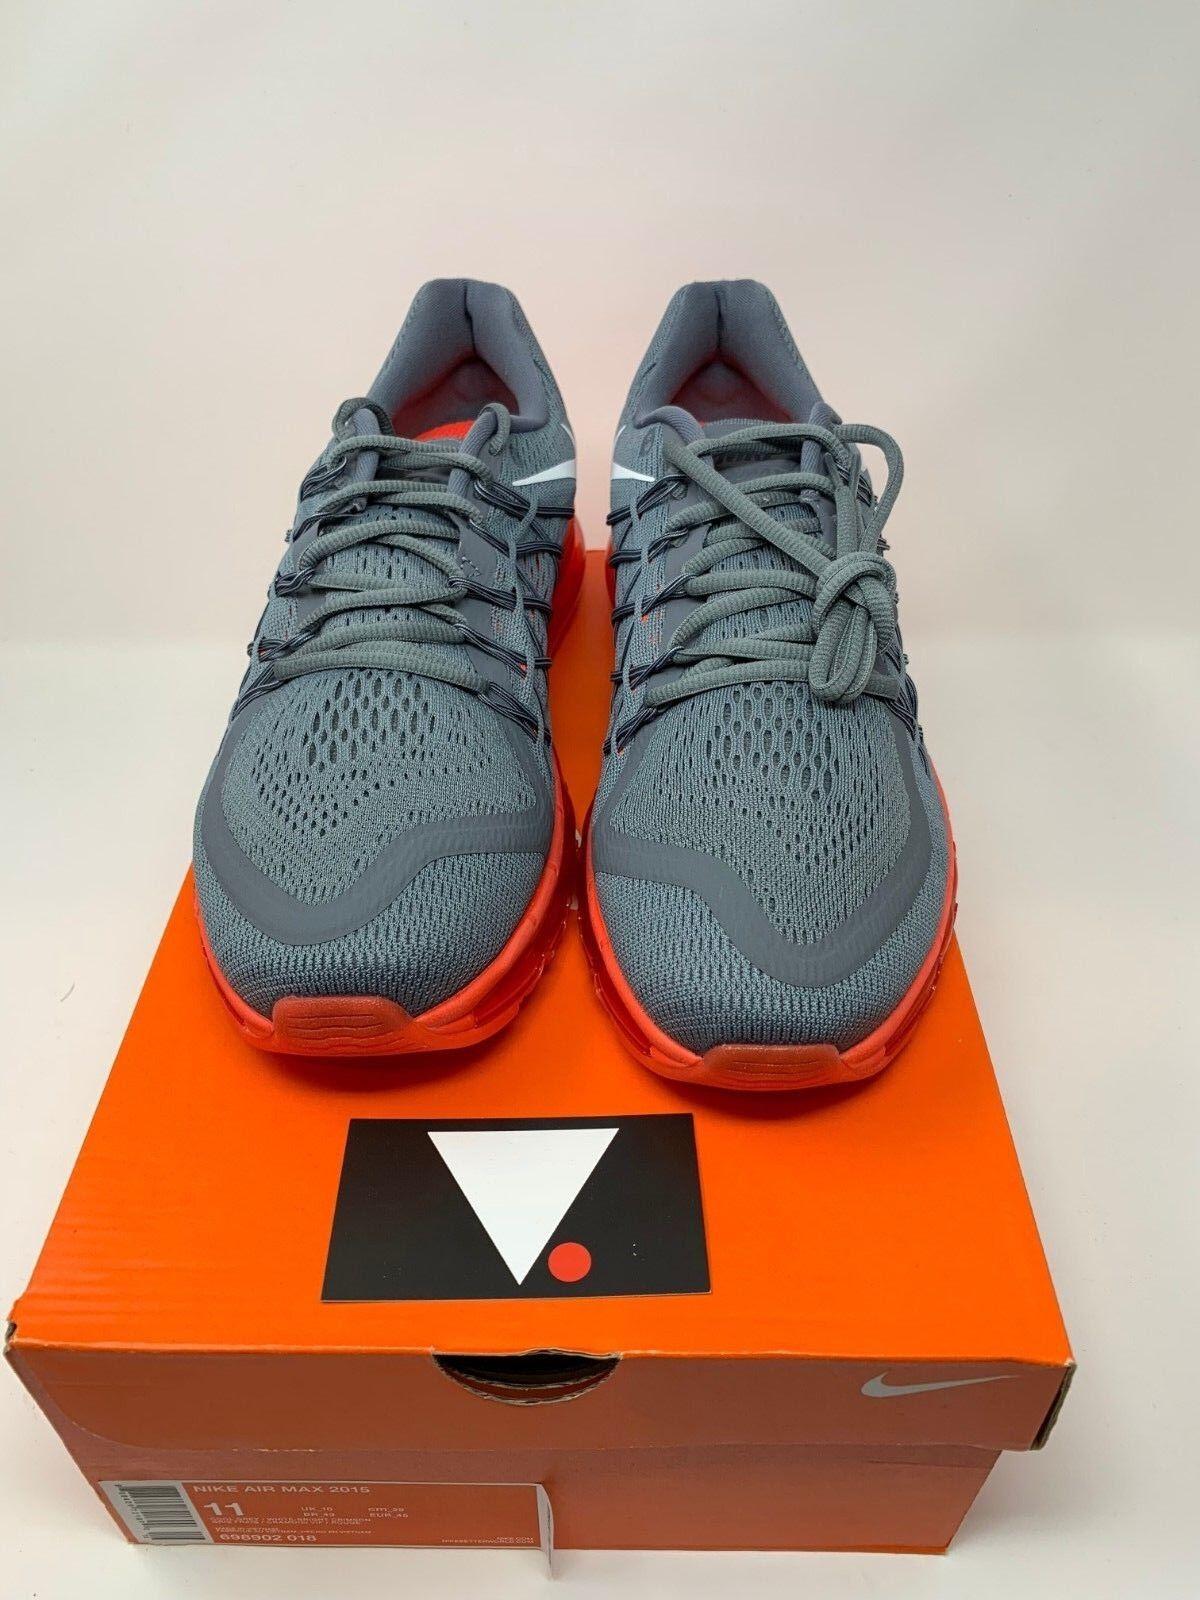 cd9033053f Nike Air Max 2015 Cool Grey White Bright Crimson 698902 018 REACT PRESTO